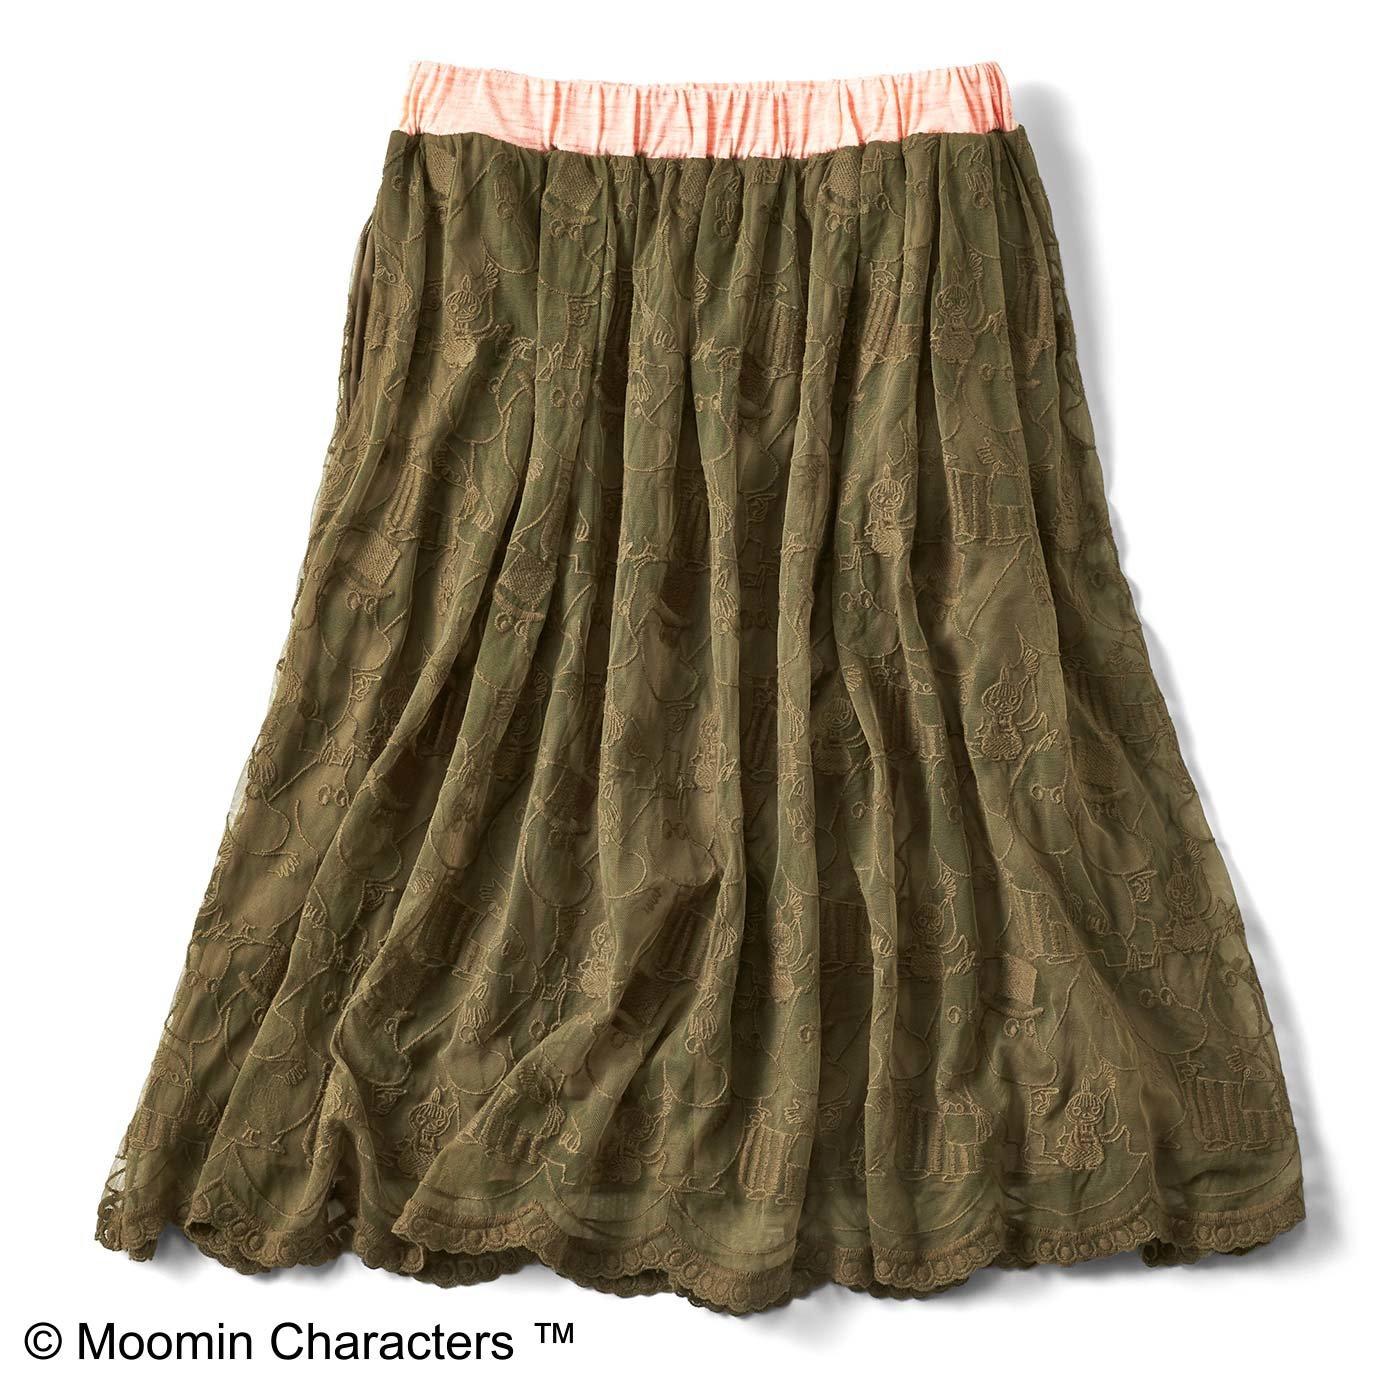 ムーミンと仲間たち ゴージャスレーススカート〈カーキ〉